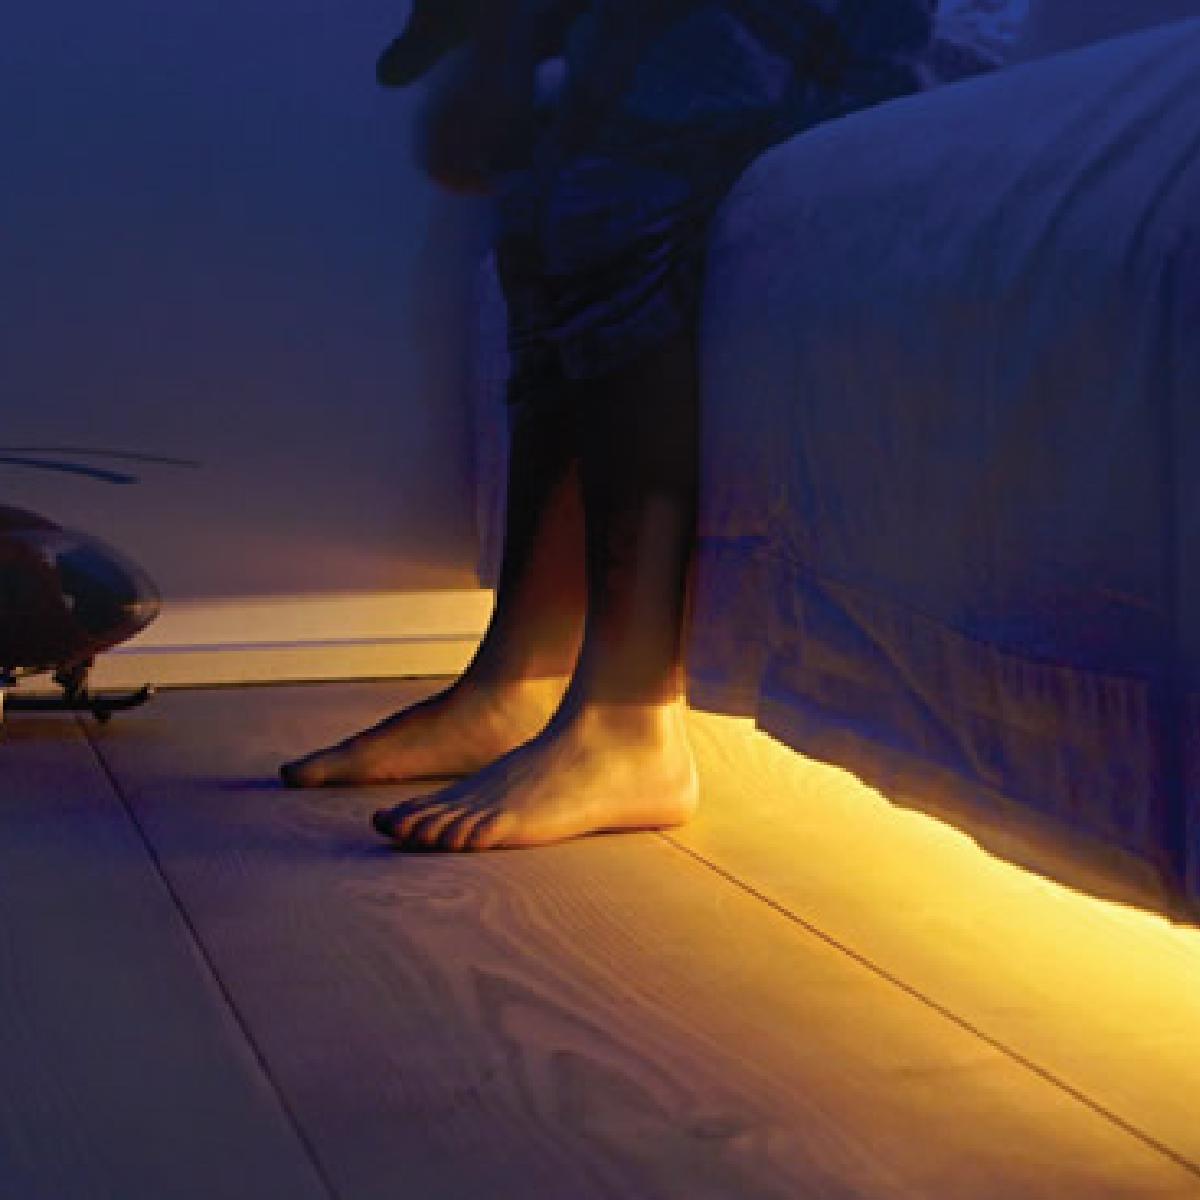 cadeaux 2 ouf id es de cadeaux insolites et originaux une lumi re sous le lit. Black Bedroom Furniture Sets. Home Design Ideas